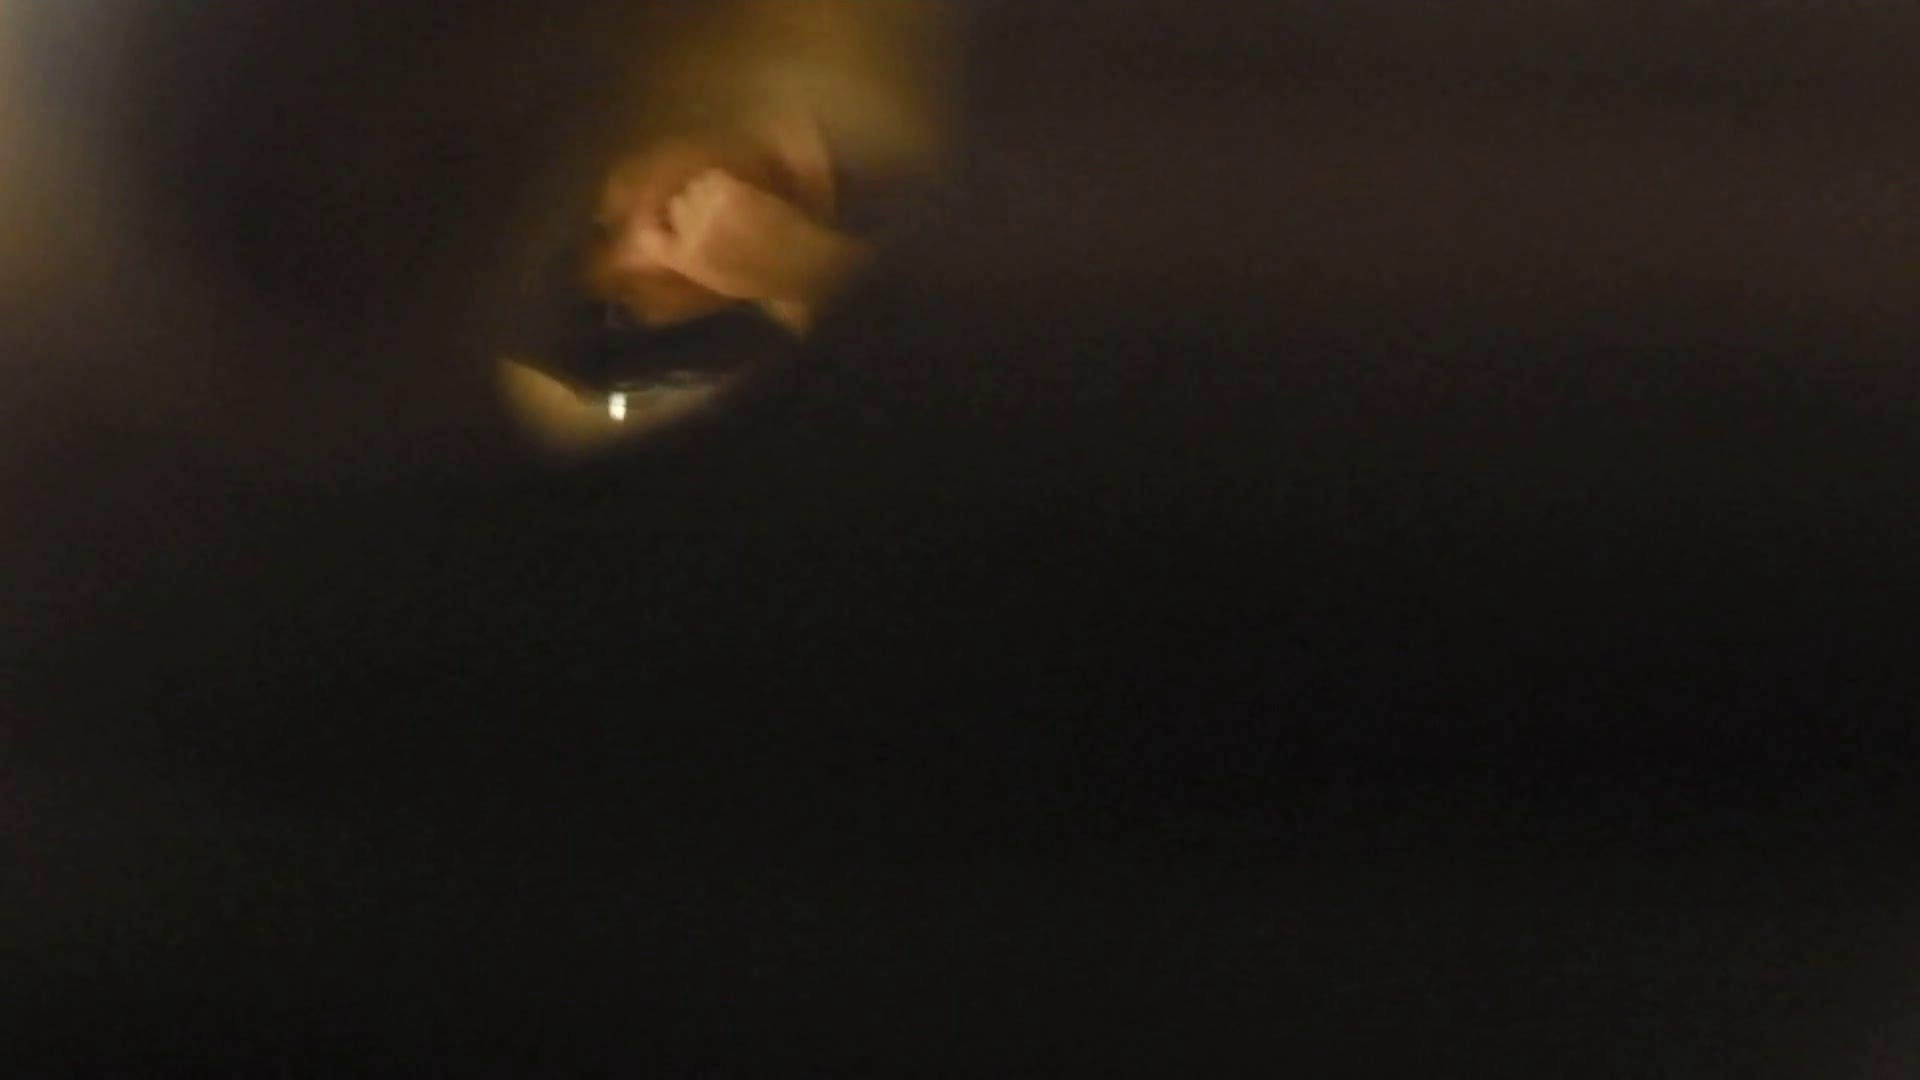 阿国ちゃんの「和式洋式七変化」No.16 高画質 濡れ場動画紹介 102枚 83